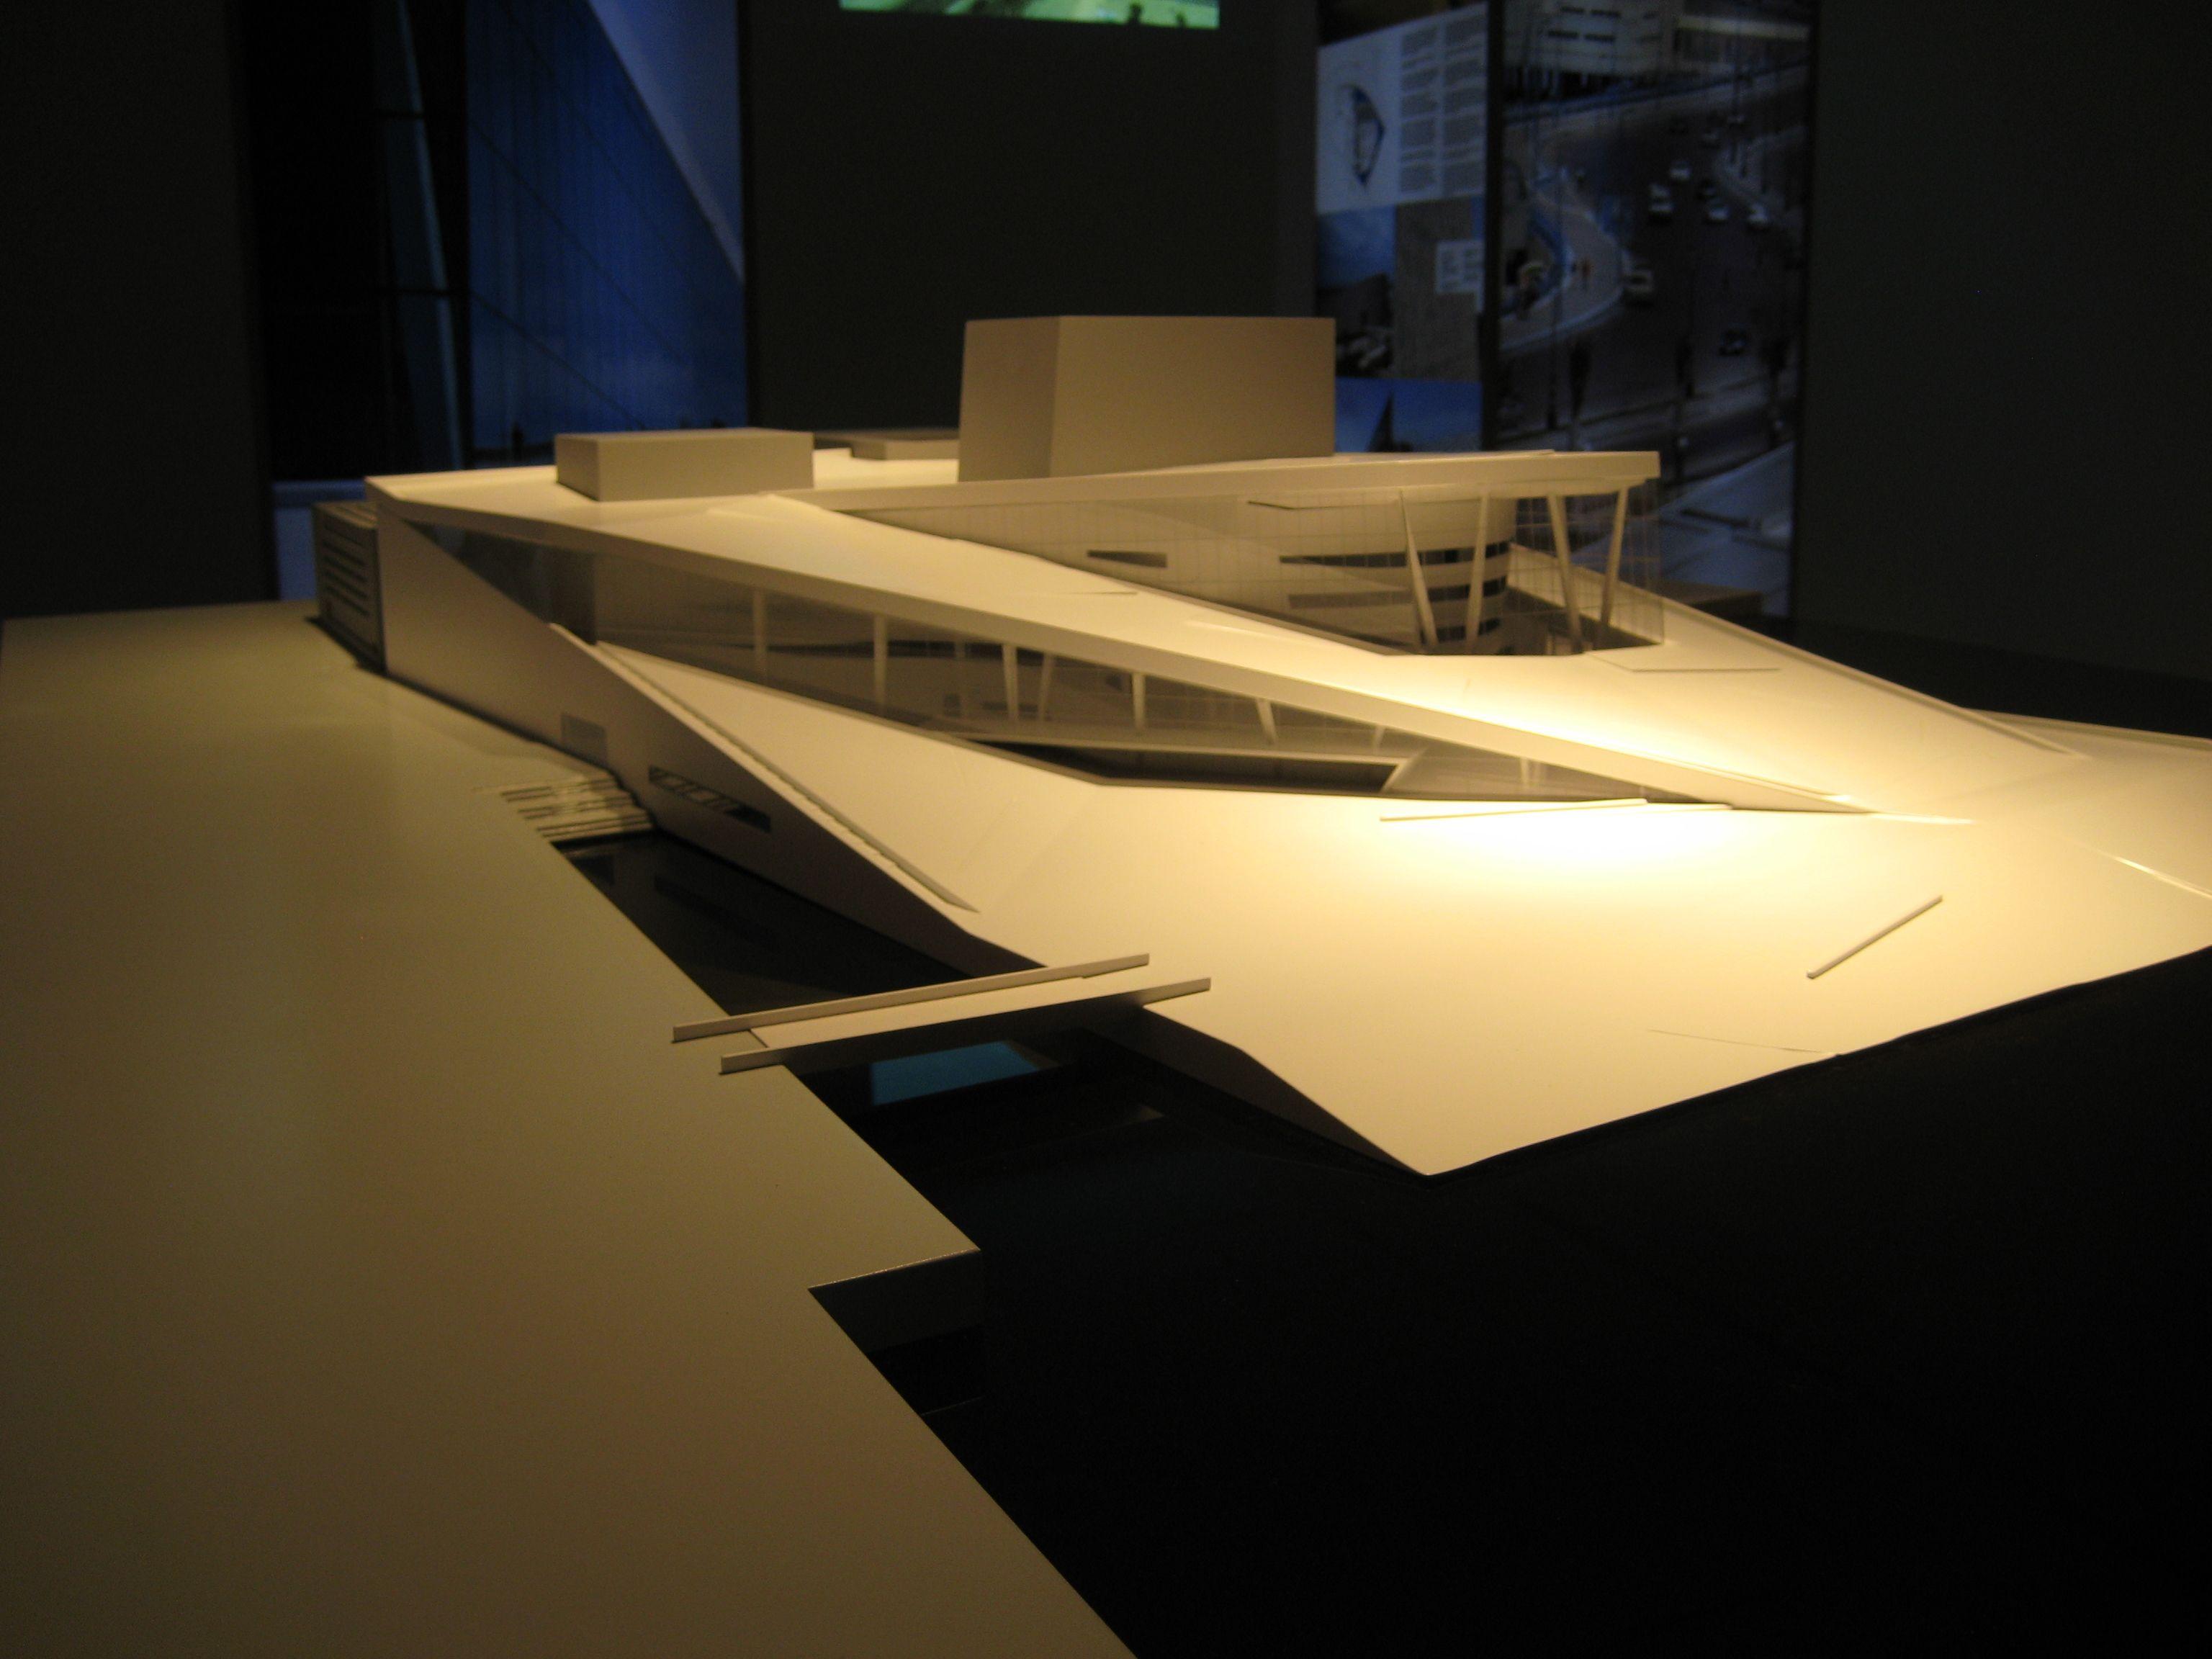 snhetta architecture landscape interior b3 designers